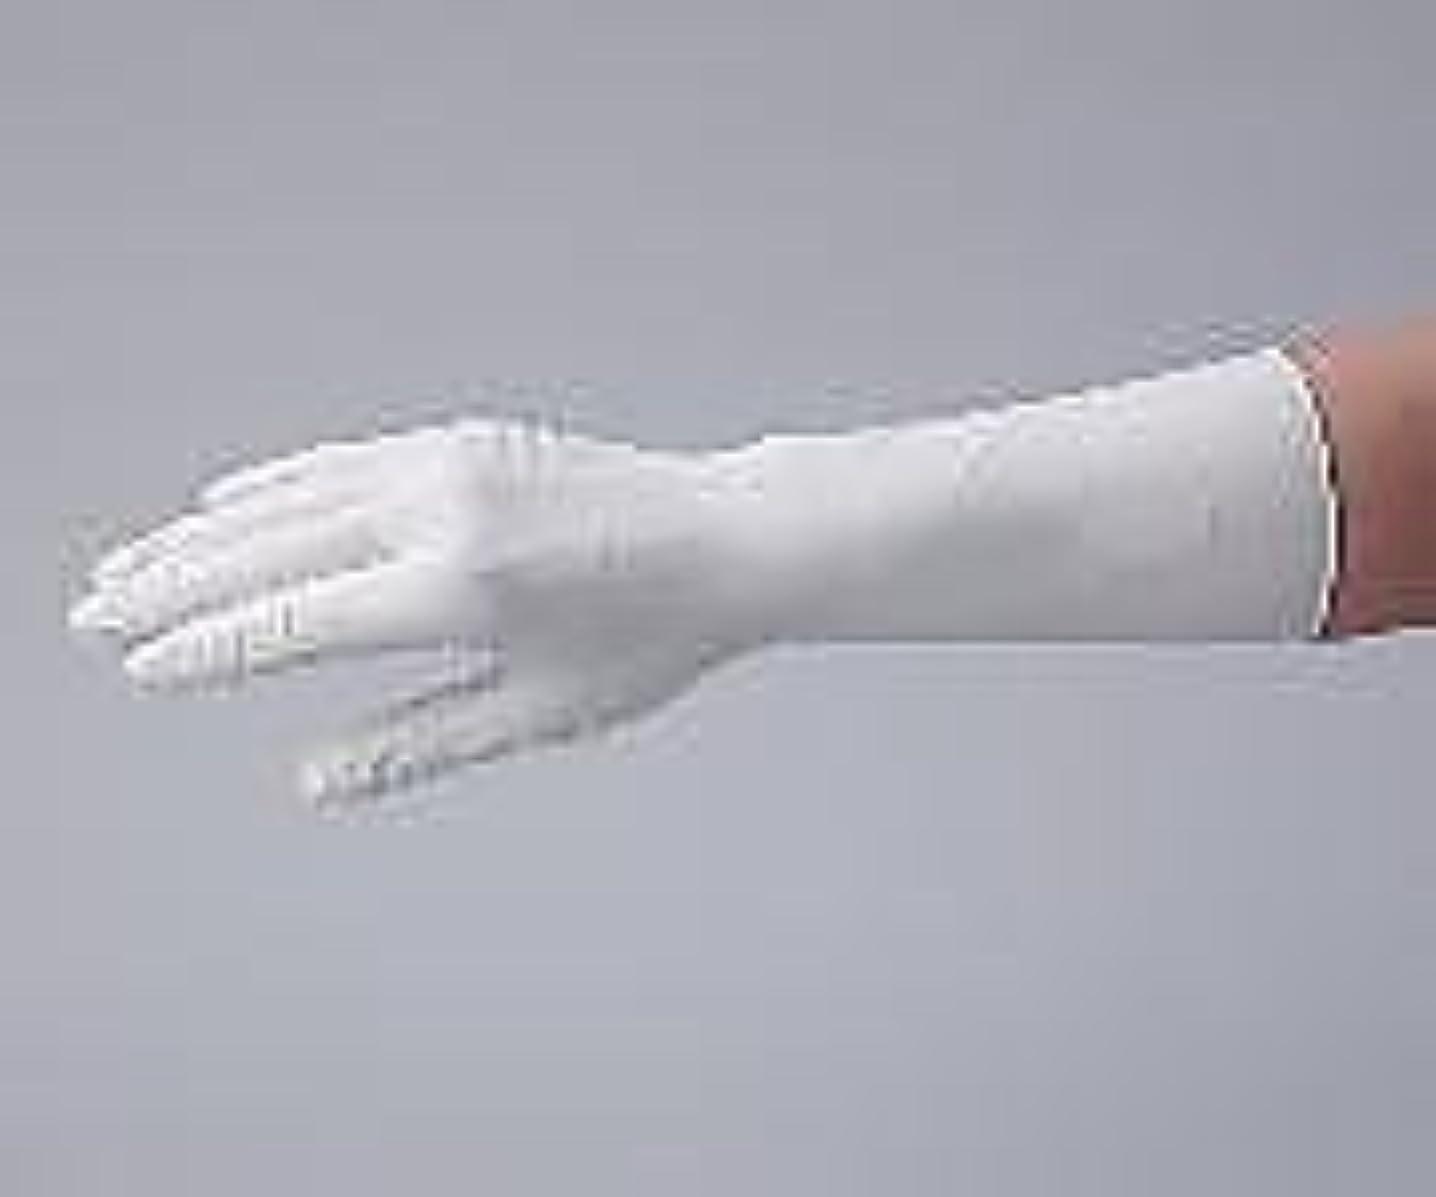 複数訴える静けさアズピュア(アズワン)1-2324-55アズピュアクリーンファーストニトリル手袋(ペアタイプ)クリーンパックXL左右各50枚×10袋入